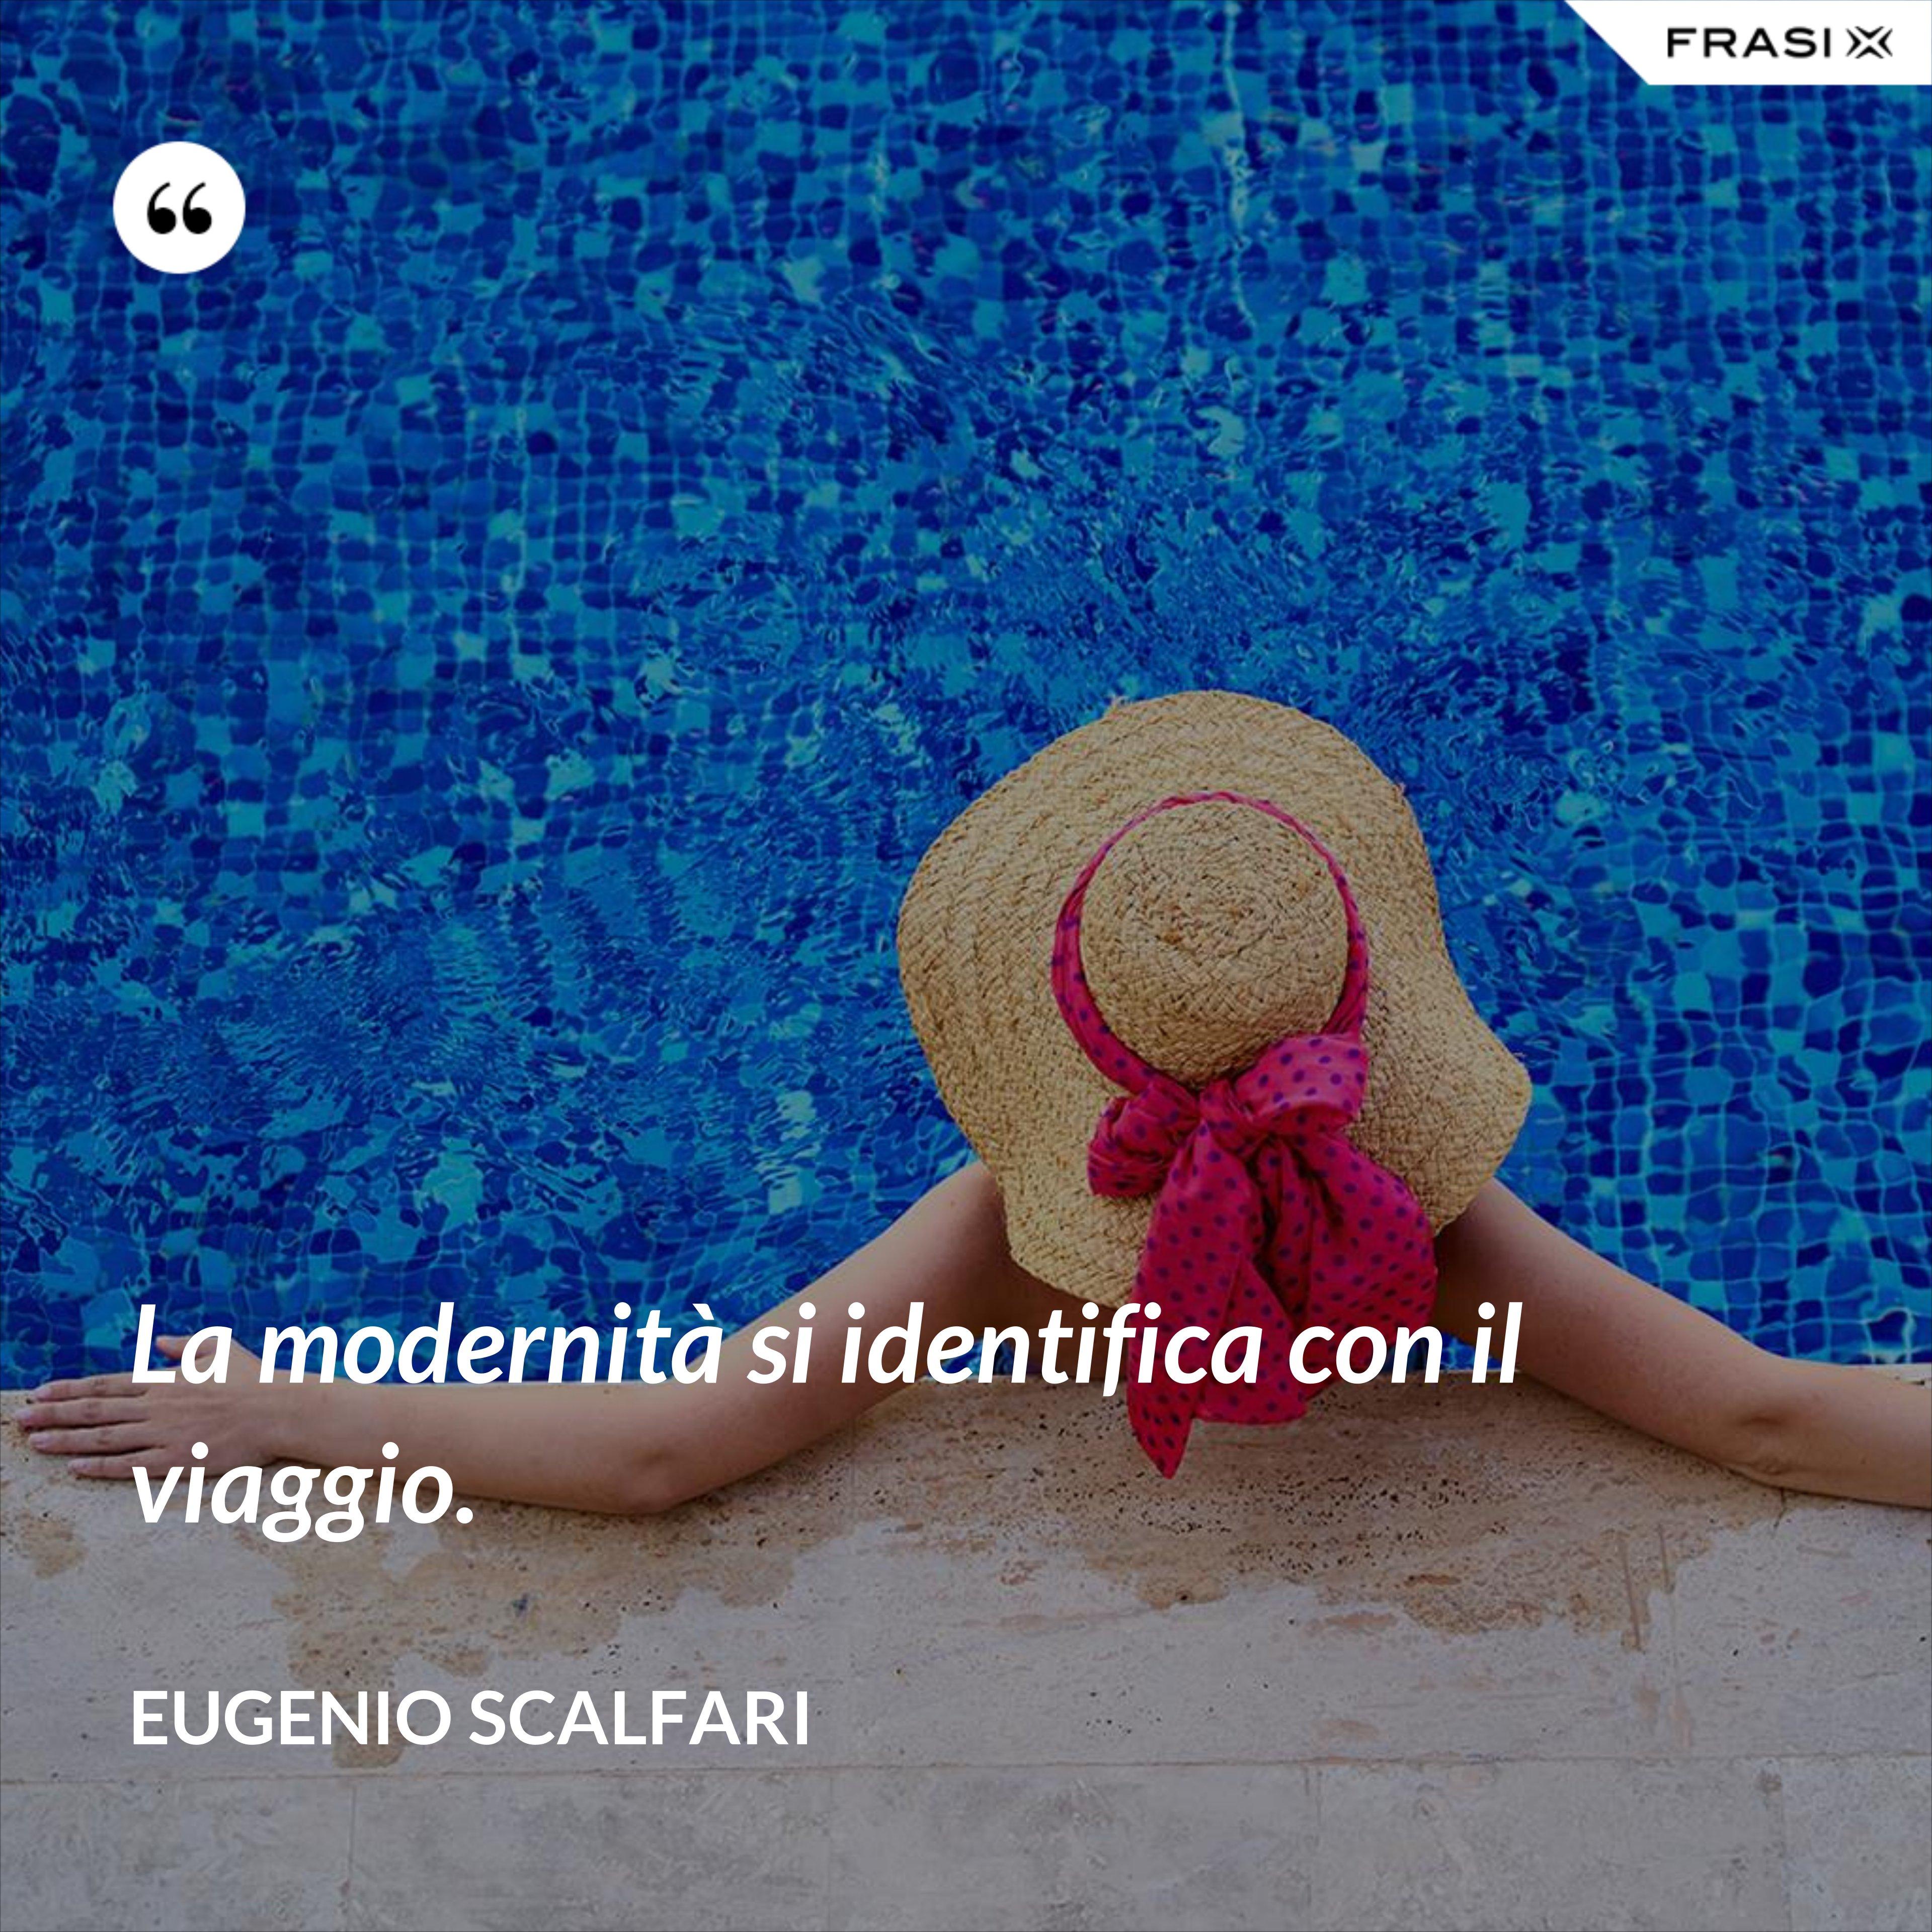 La modernità si identifica con il viaggio. - Eugenio Scalfari